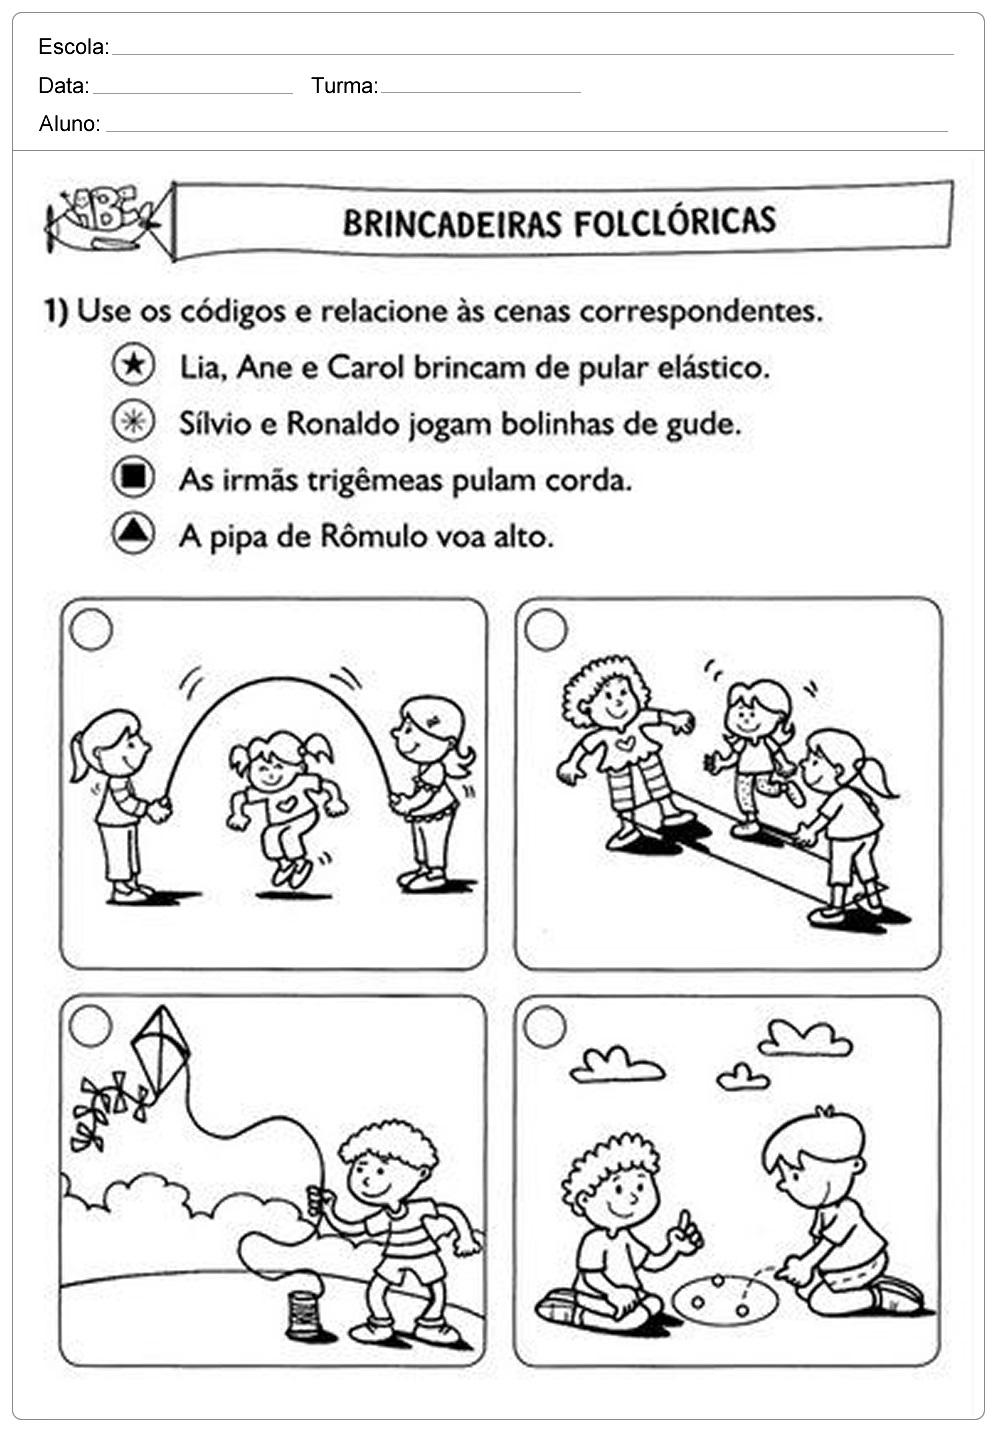 Atividades de português 2 ano do Ensino Fundamental